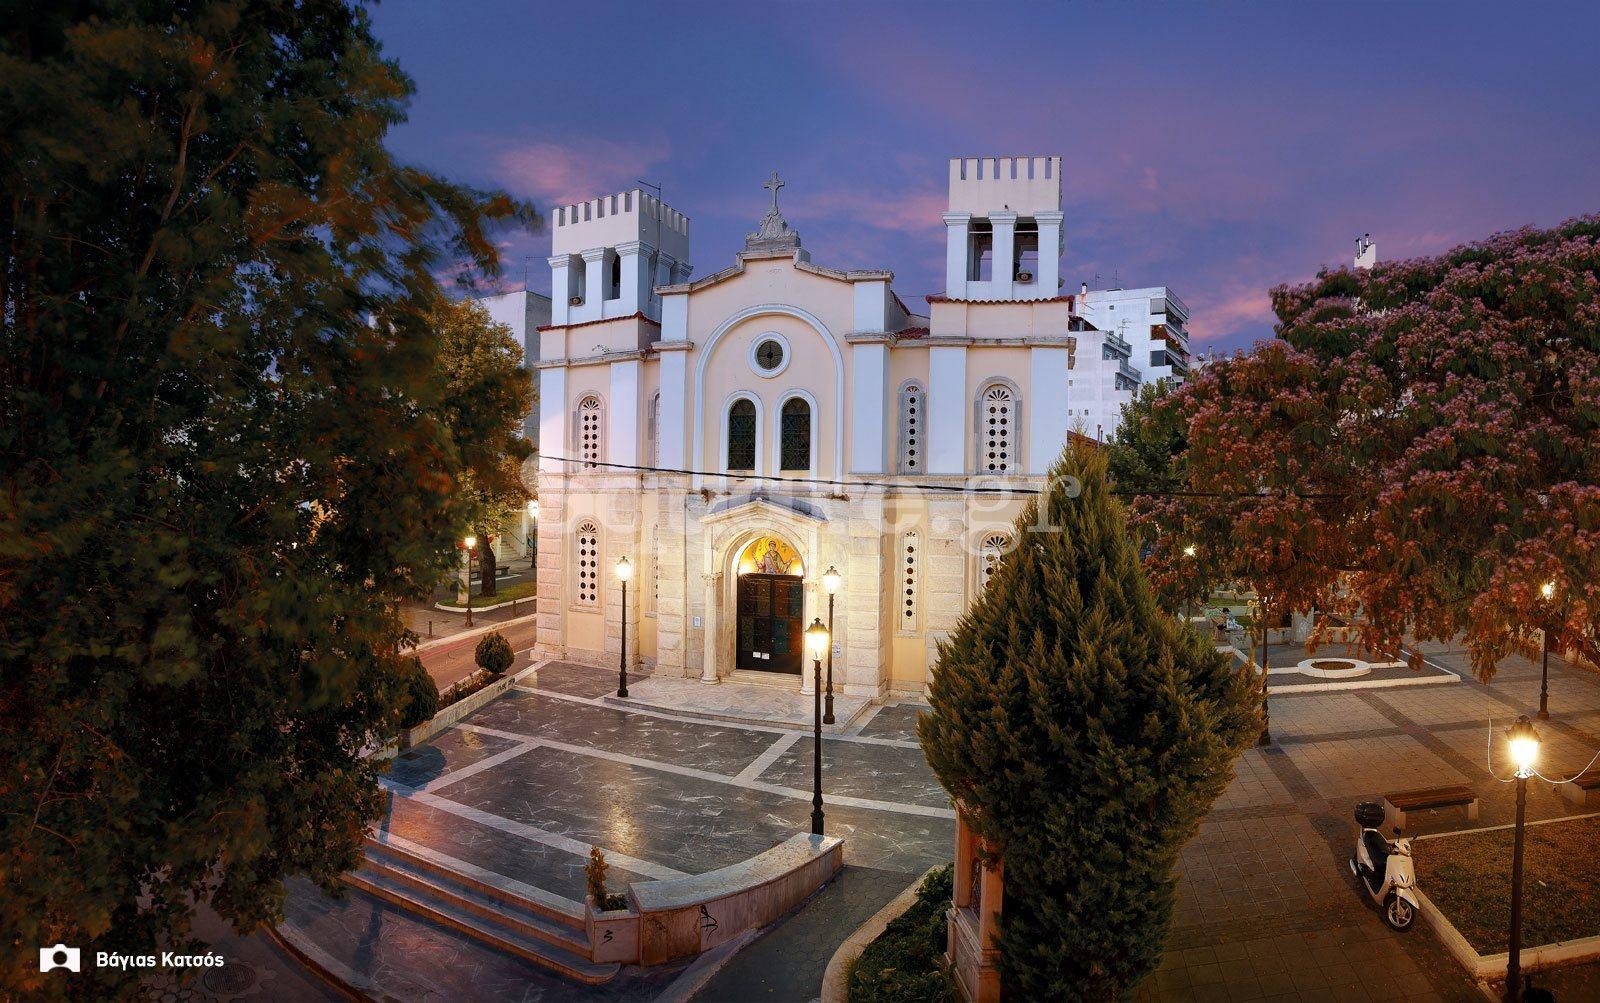 Ιερός-Μητροπολιτικός-Ναός-Αγίου-Δημητρίου-στη-Χαλκίδα-φωτογραφία-Βάγιας-Κατσός